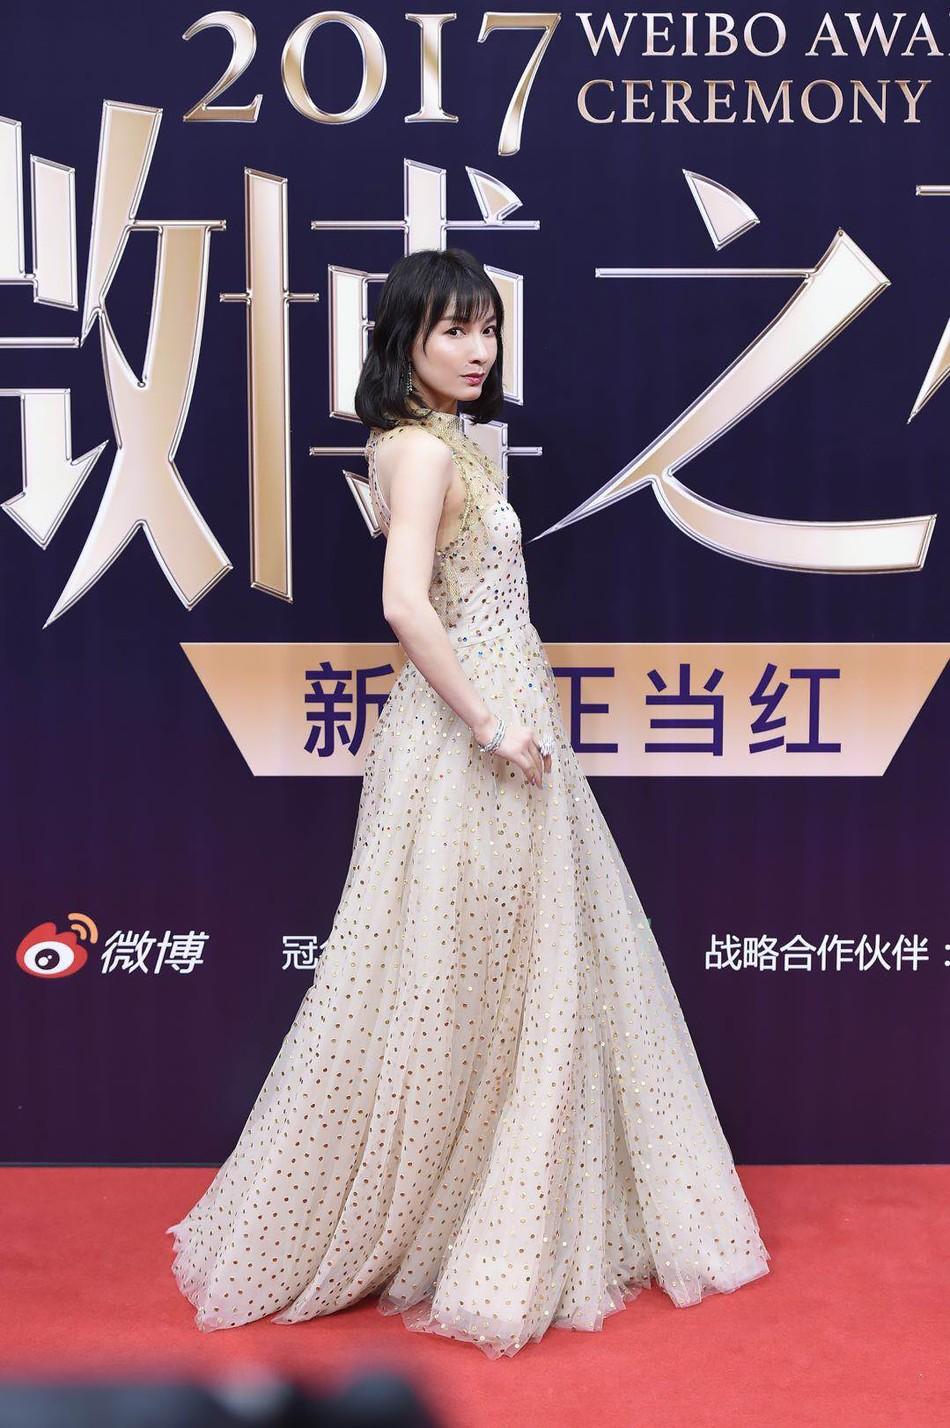 Thảm đỏ Weibo: Angela Baby xuống sắc không phanh, Dương Mịch - Na Trát cùng dàn mỹ nhân cạnh tranh nhan sắc khốc liệt - Ảnh 20.